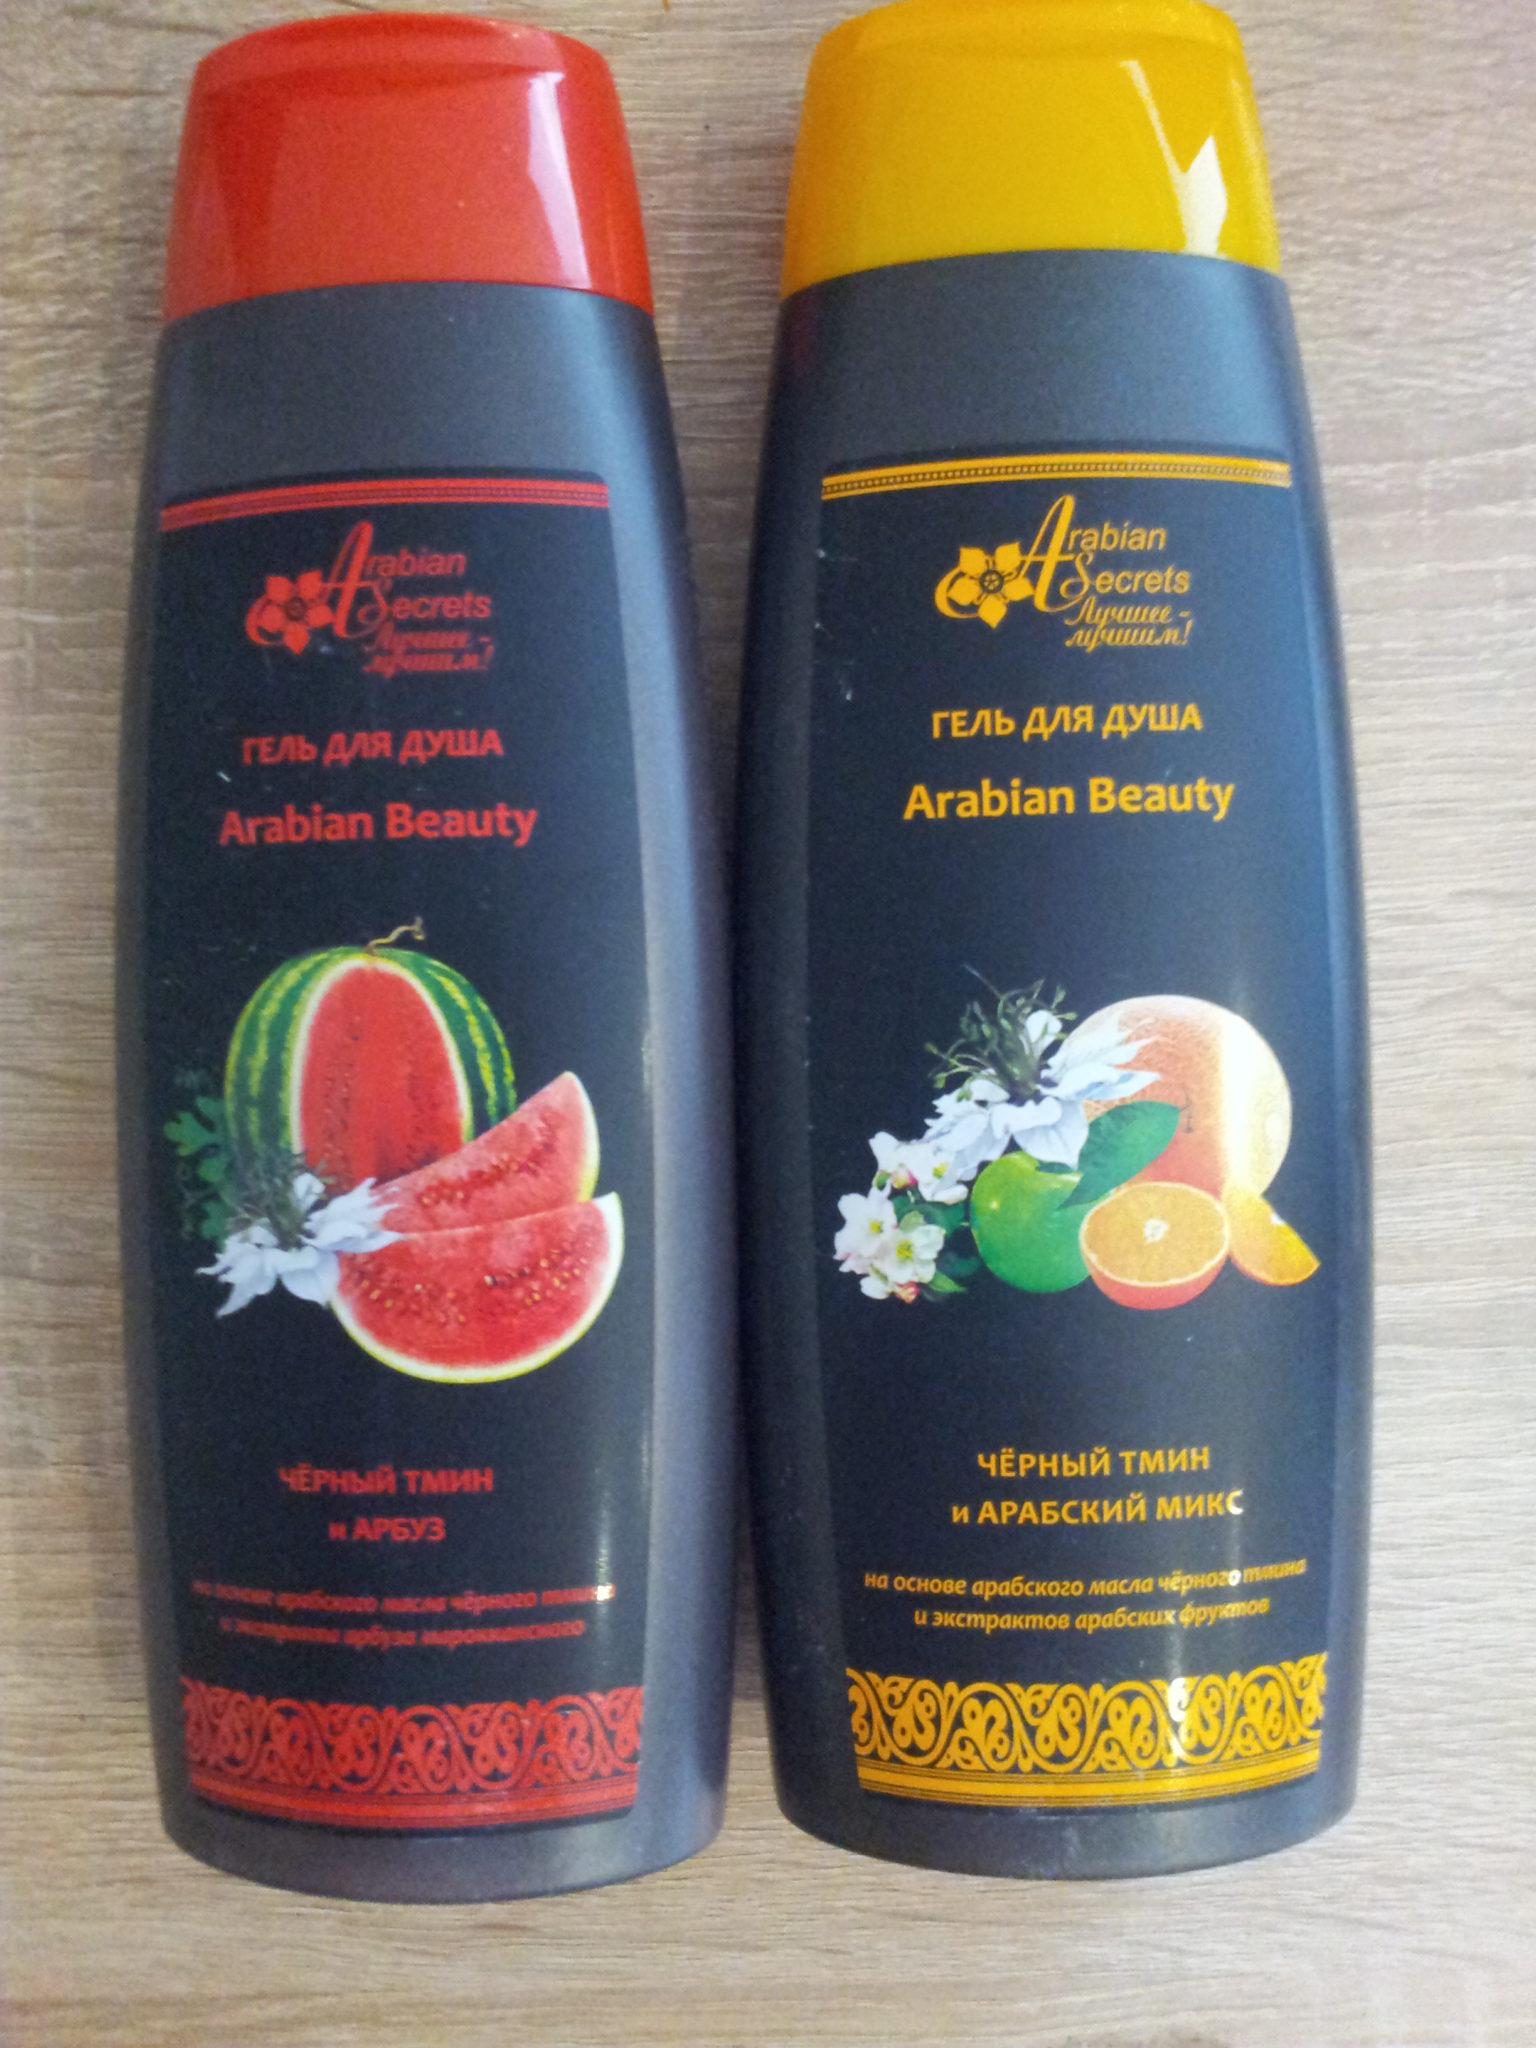 шампуни  Arabian Secrets